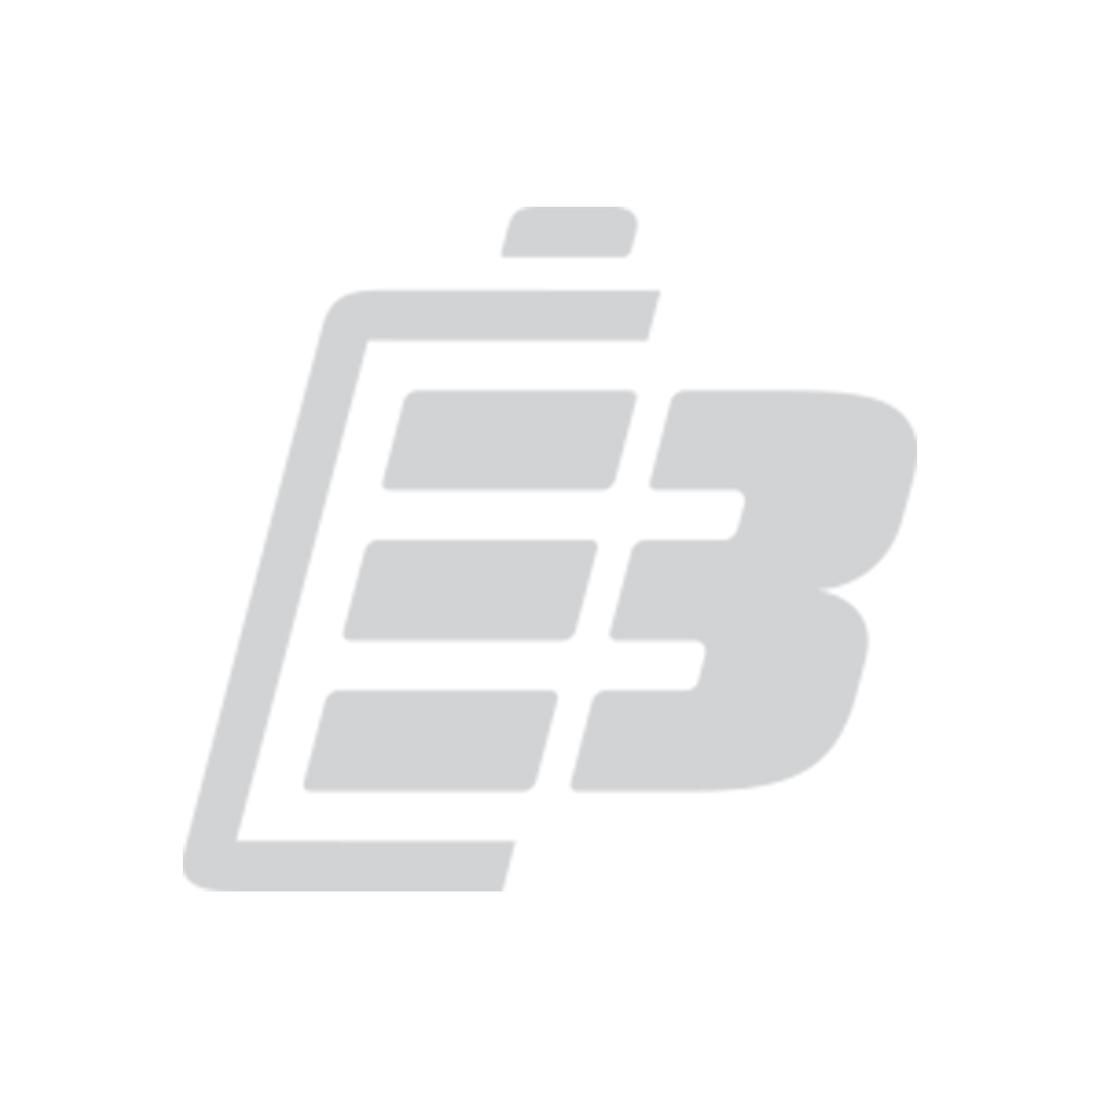 Netbook battery Acer Aspire One D250 extended white 4400mah_1